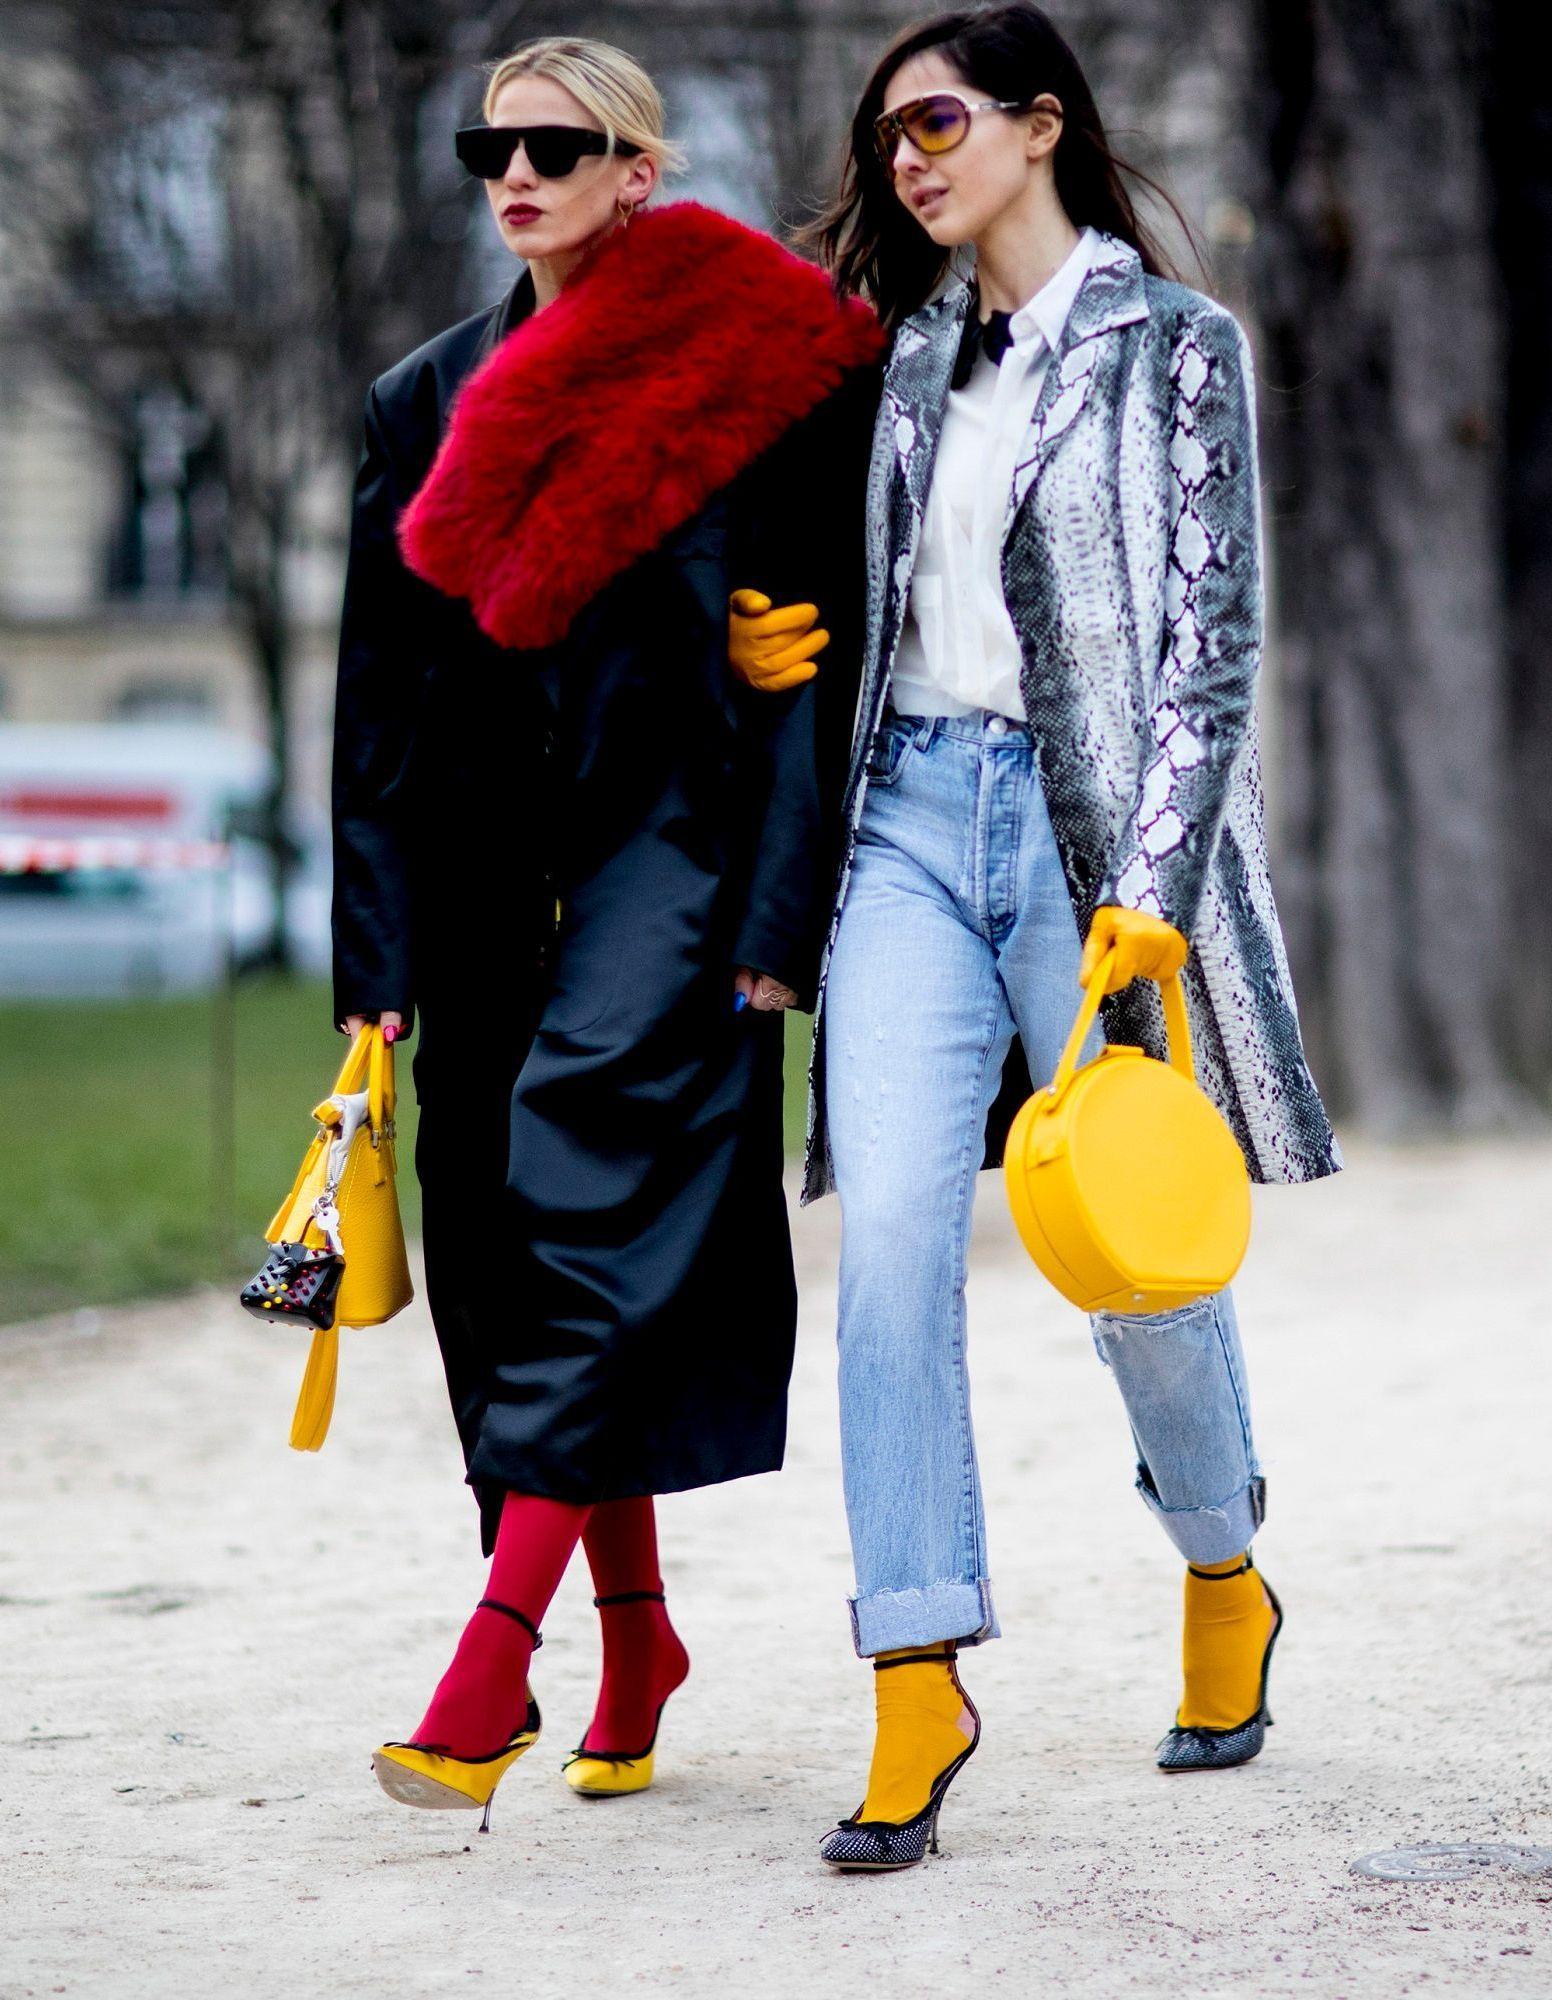 Pourquoi il ne faut jamais porter de collants sous son jean elle - Elle ne porte jamais de sous vetement ...